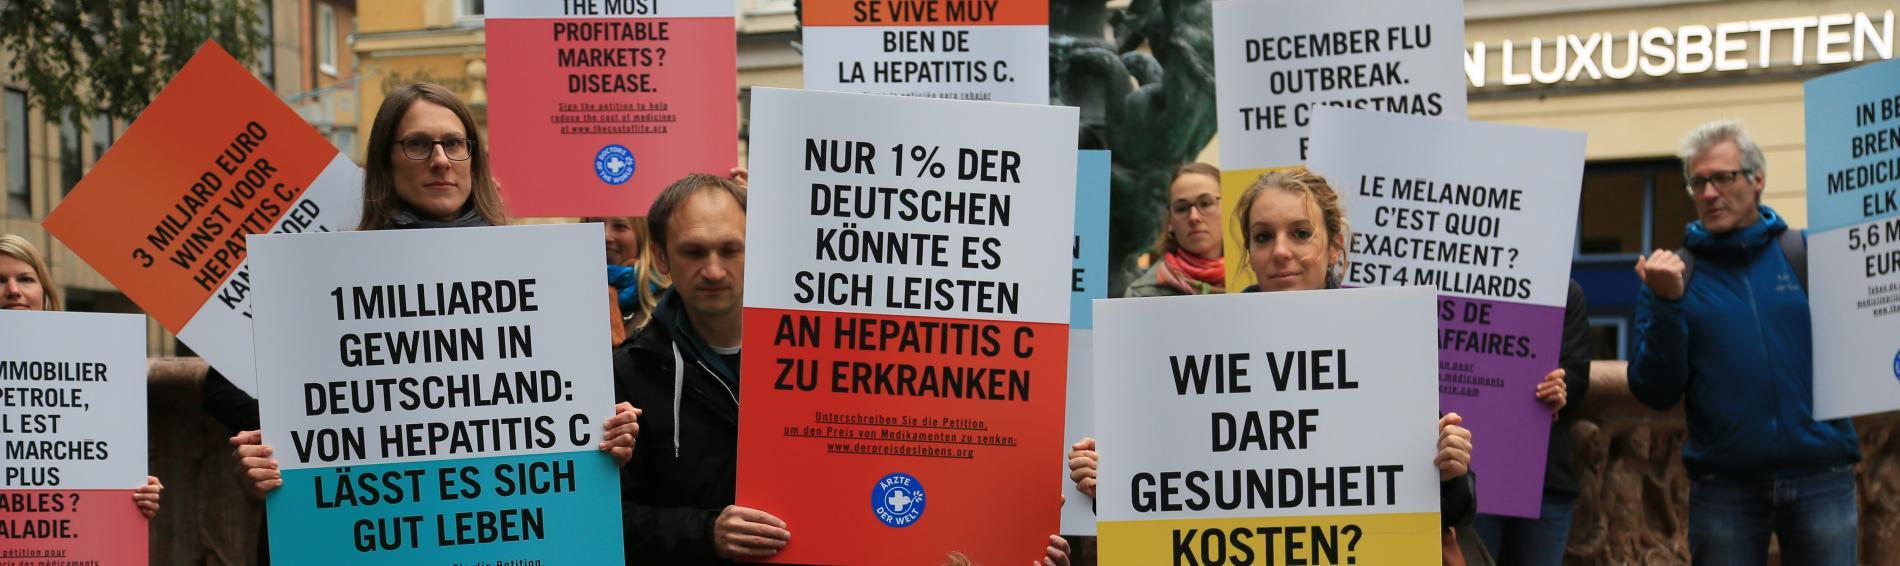 Das Hepatitis C-Medikament Sofosbuvir kann je nach Land bis zu 55.000 Euro kosten.